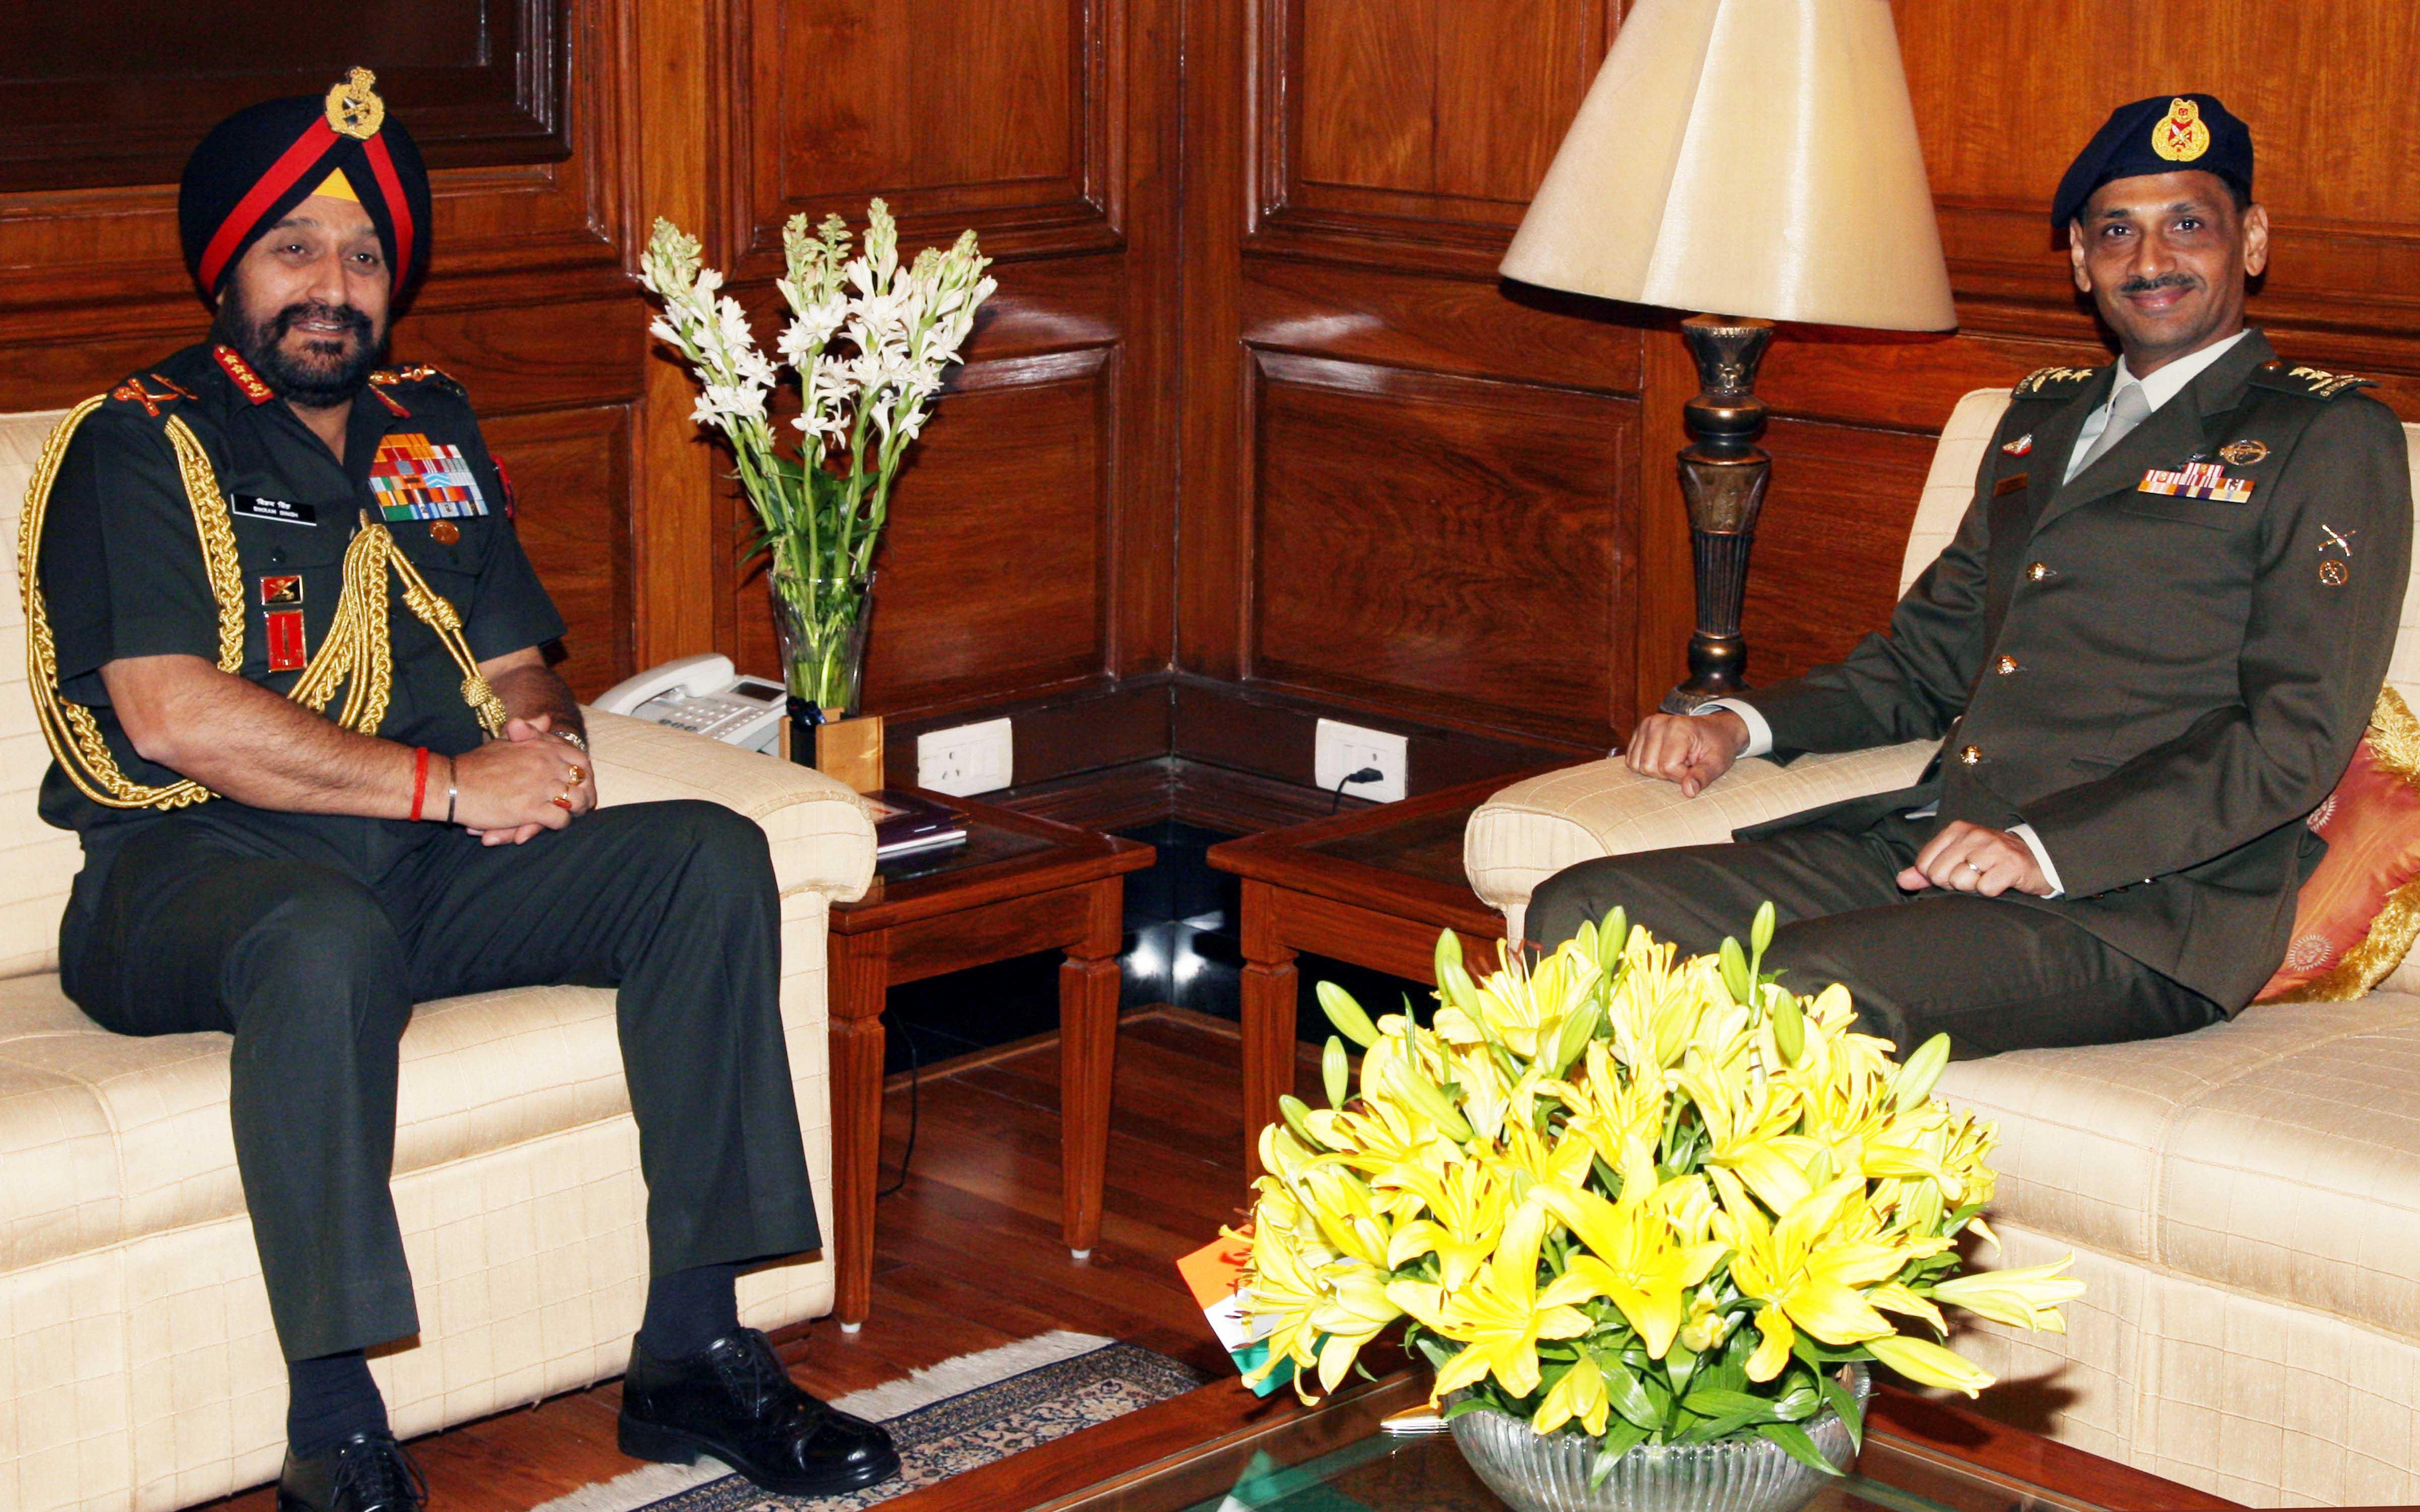 Maj Gen Ravinder Singh COA Singapora Army meeting with COAS Gen Bikram Singh